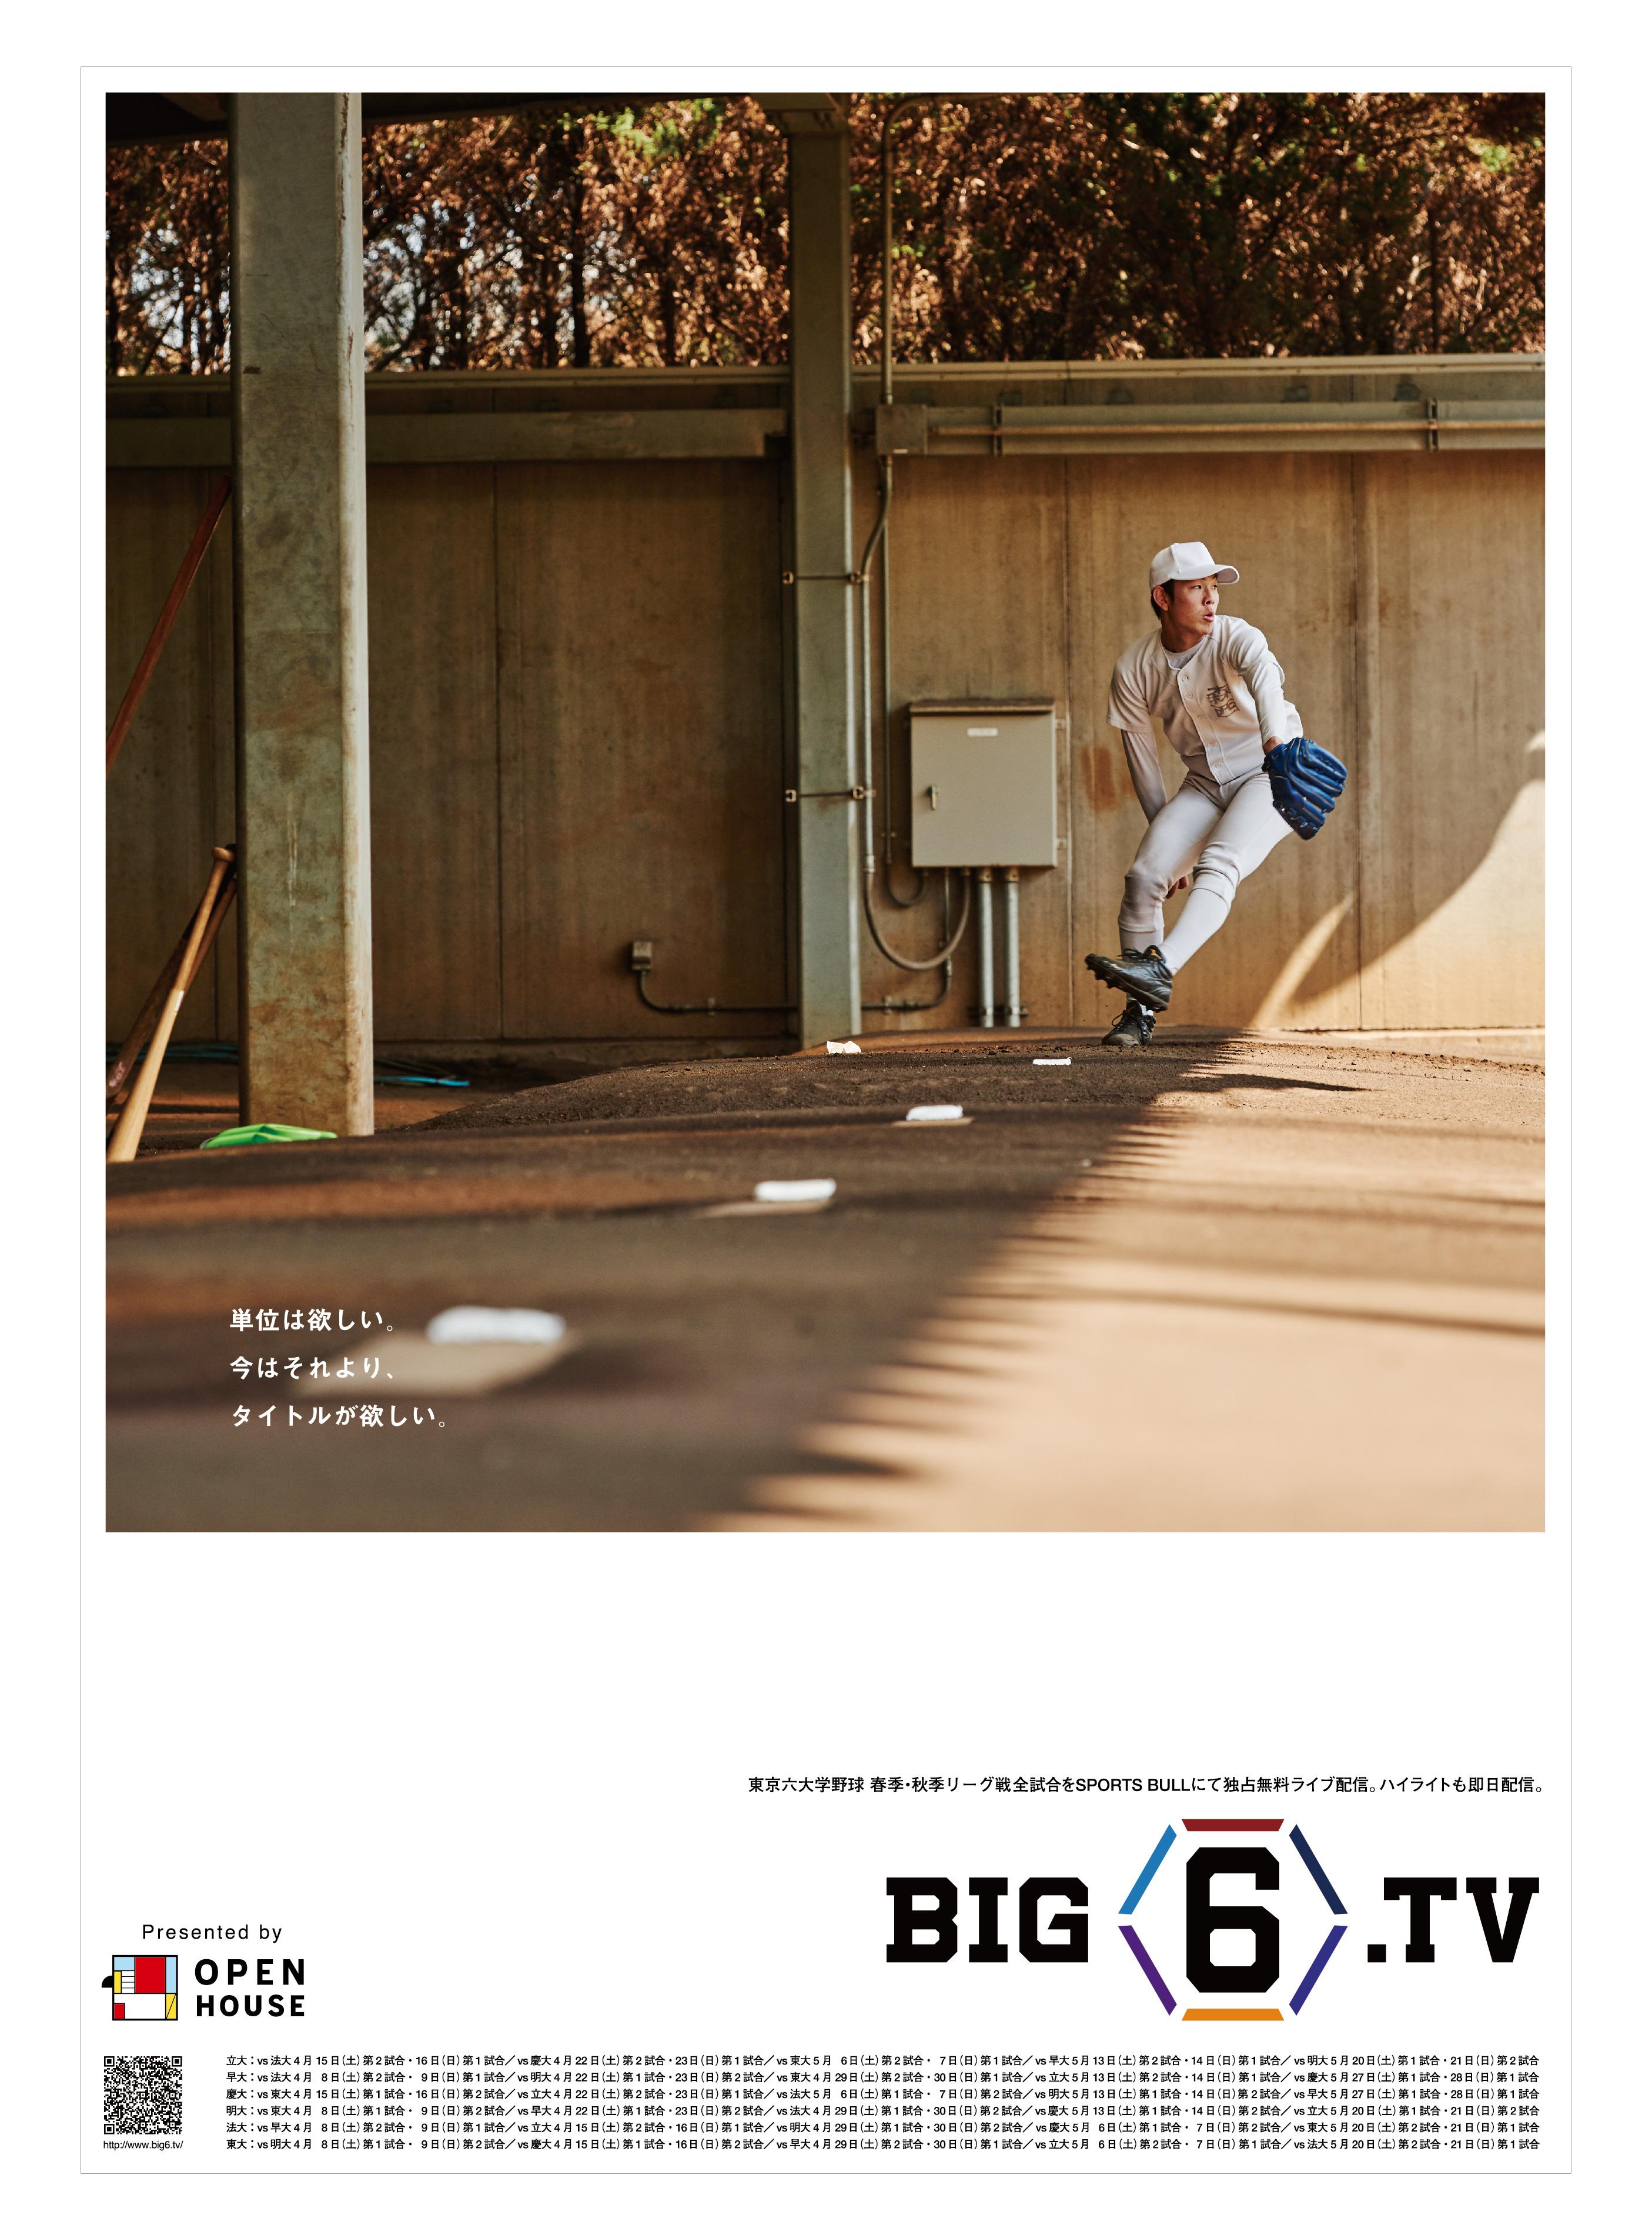 big6-13